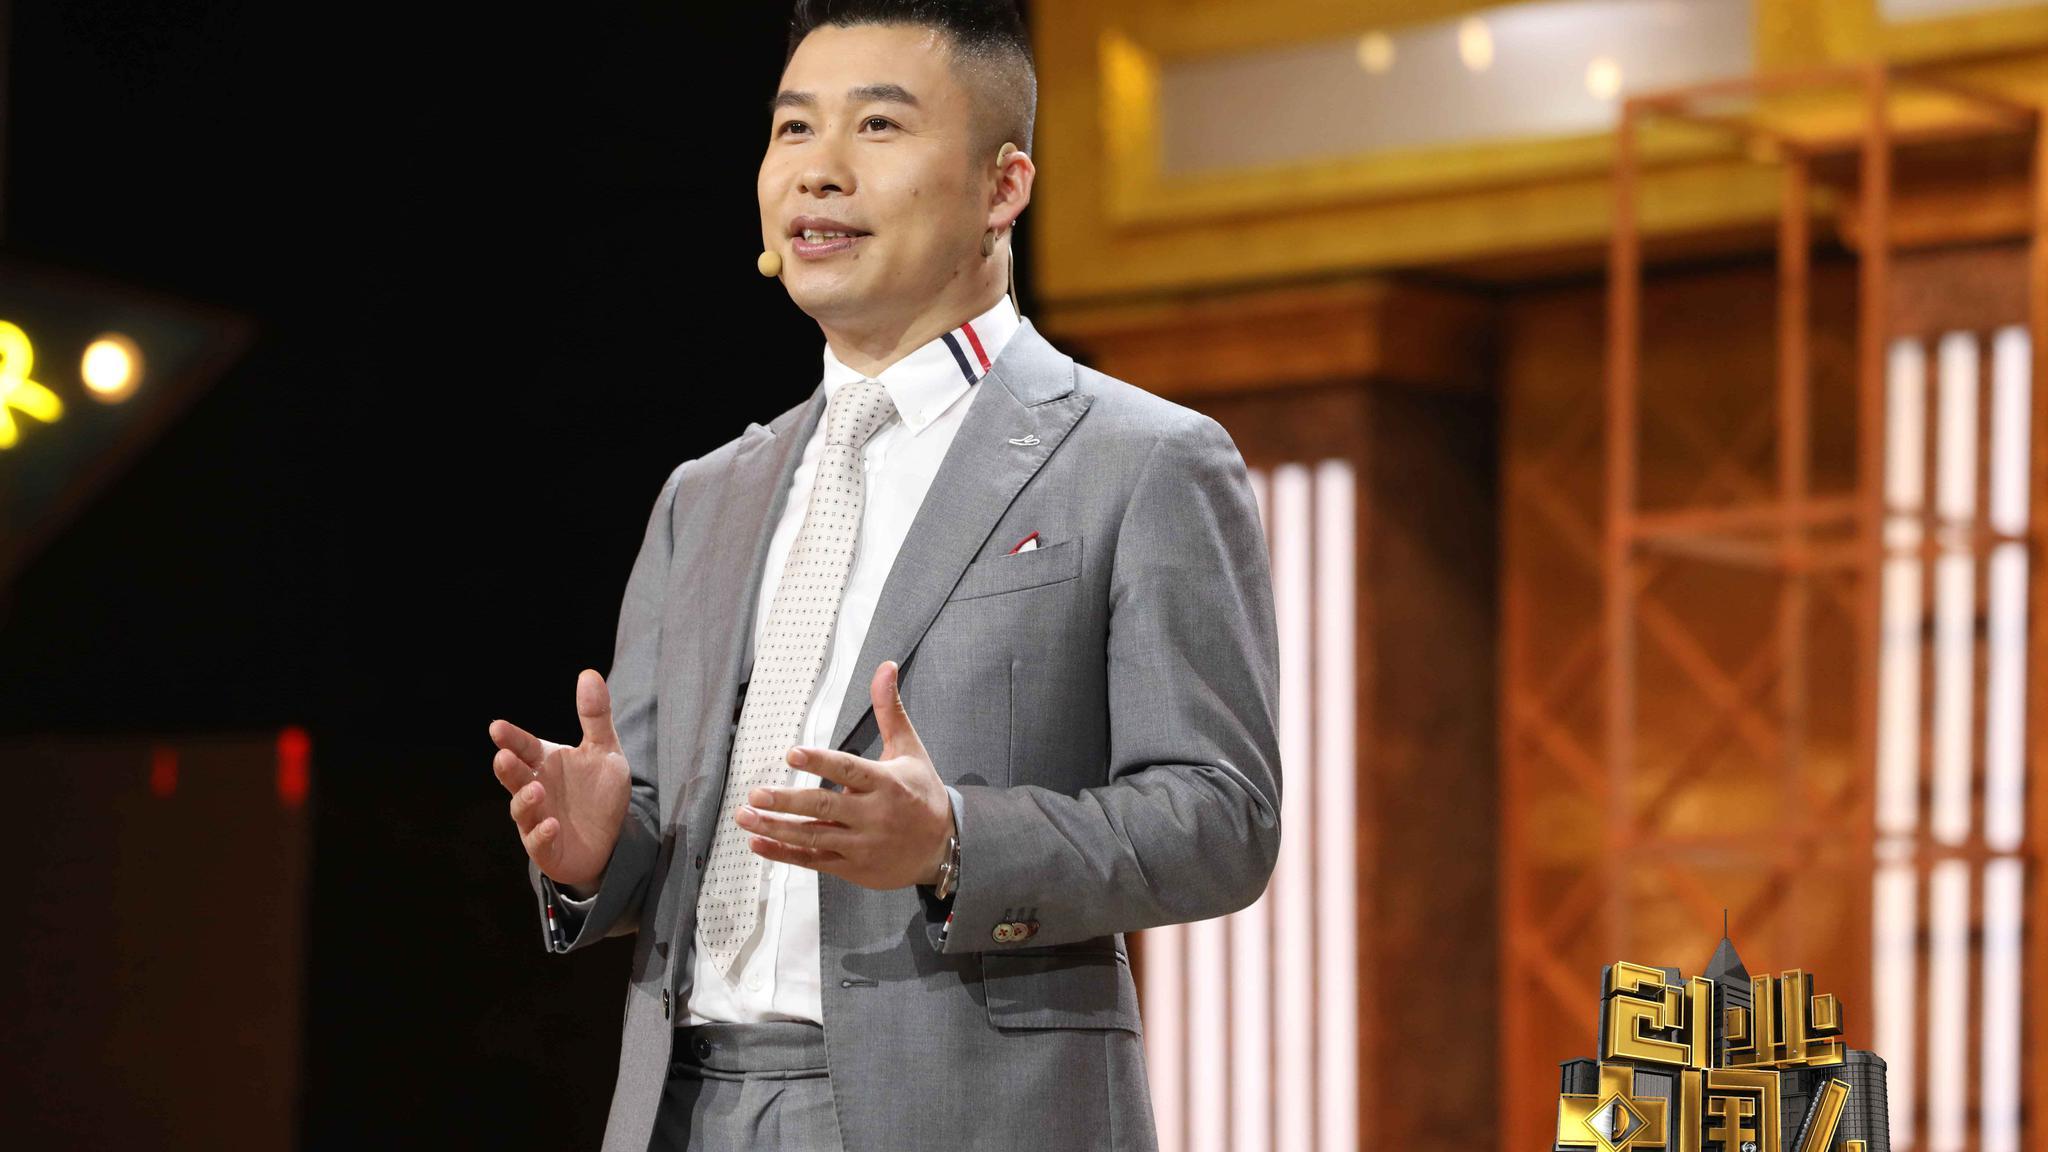 创始人陈建荣预估2019年的总营收能达到一个亿的规模